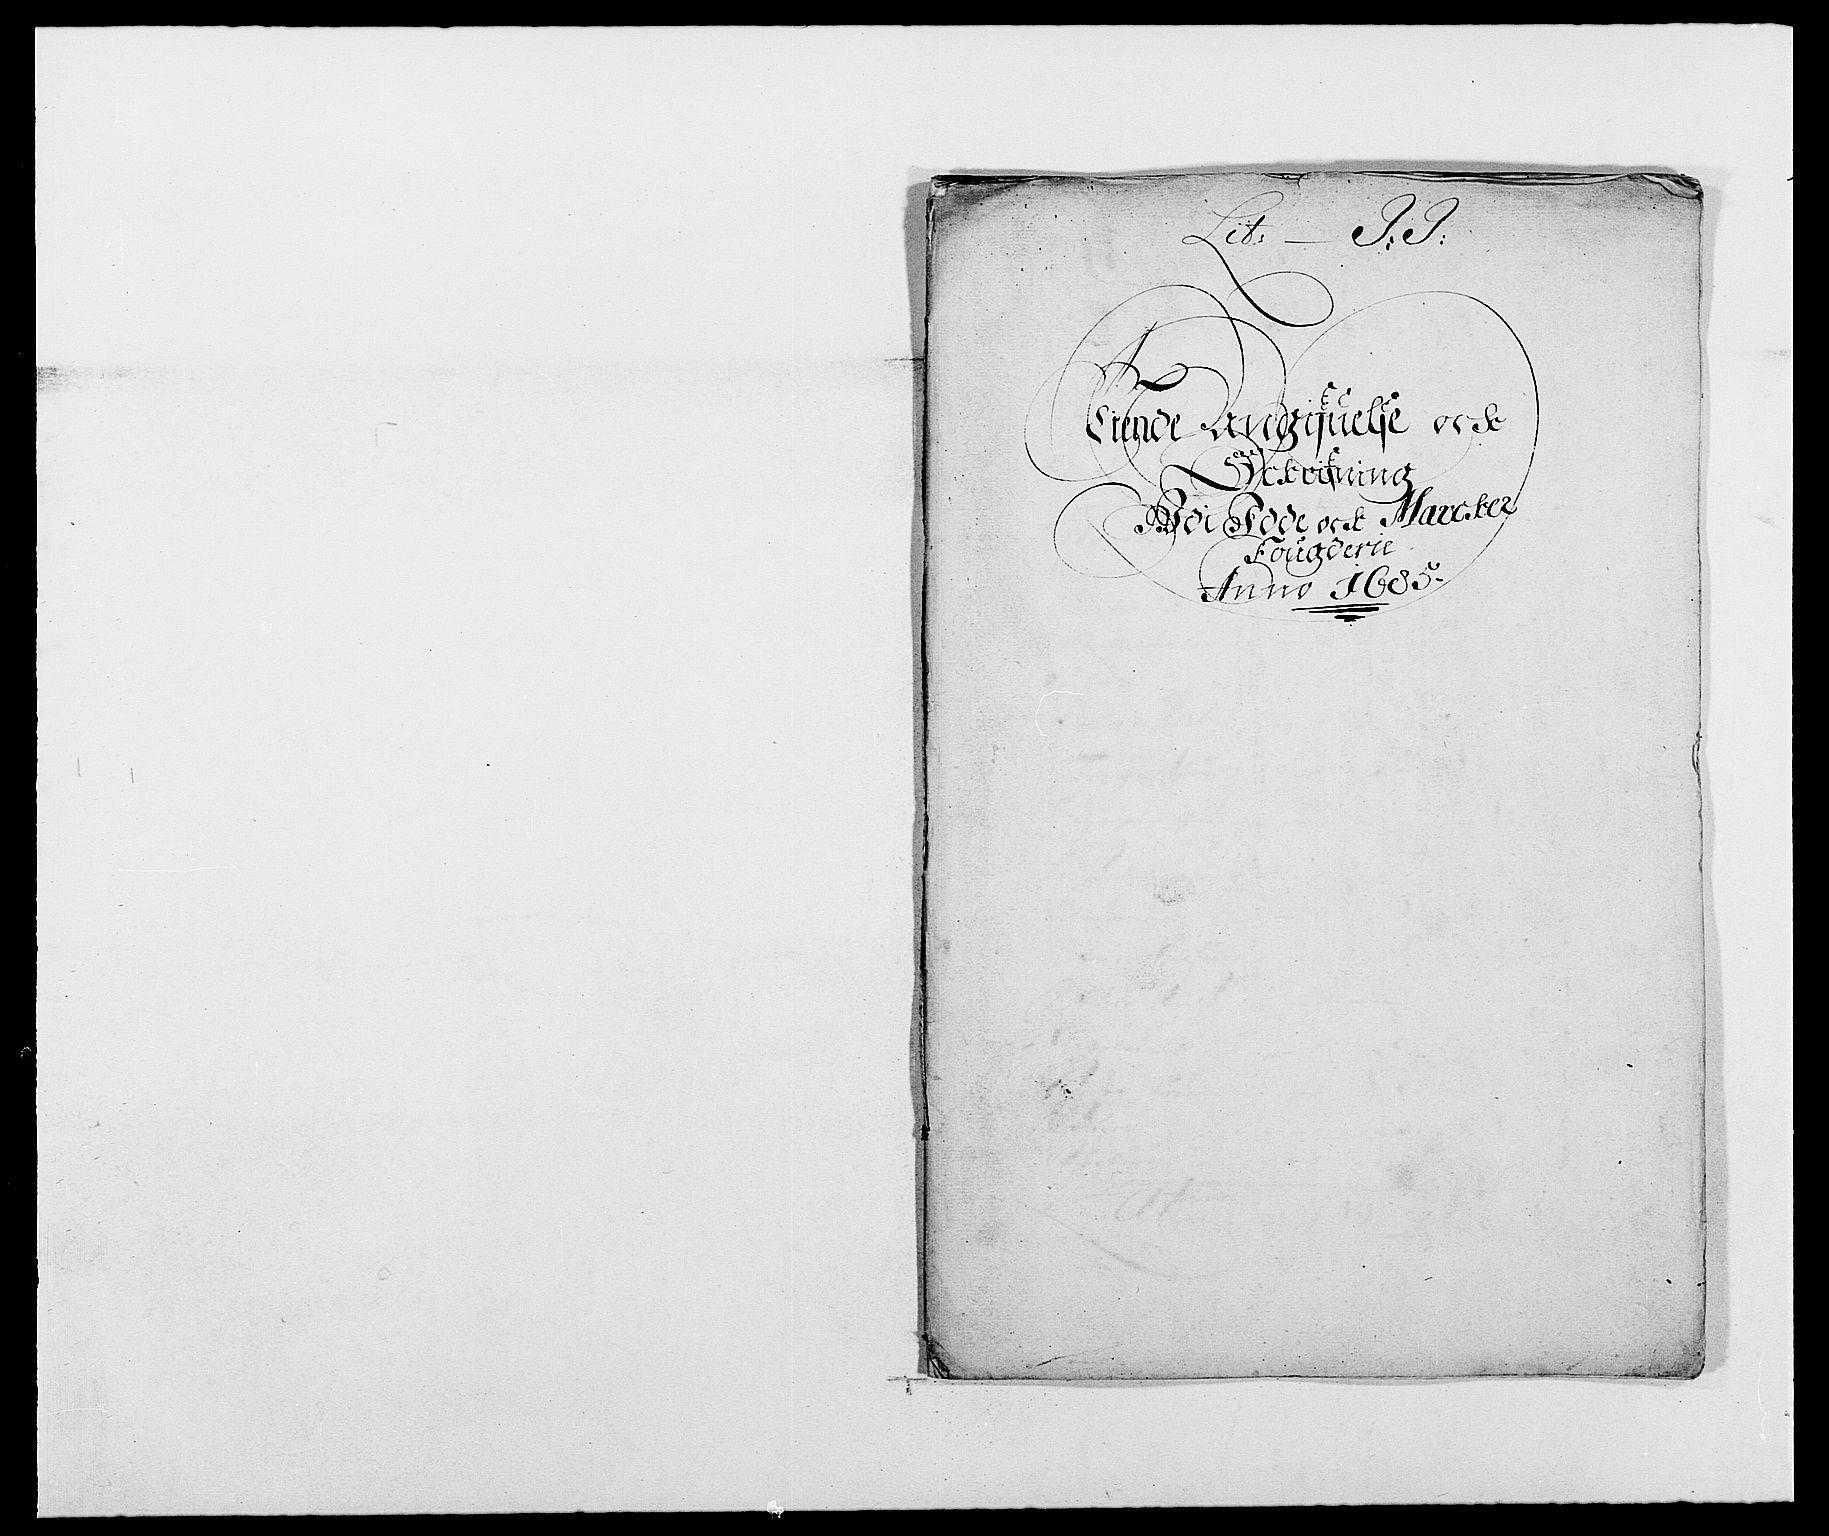 RA, Rentekammeret inntil 1814, Reviderte regnskaper, Fogderegnskap, R01/L0006: Fogderegnskap Idd og Marker, 1685-1686, s. 53